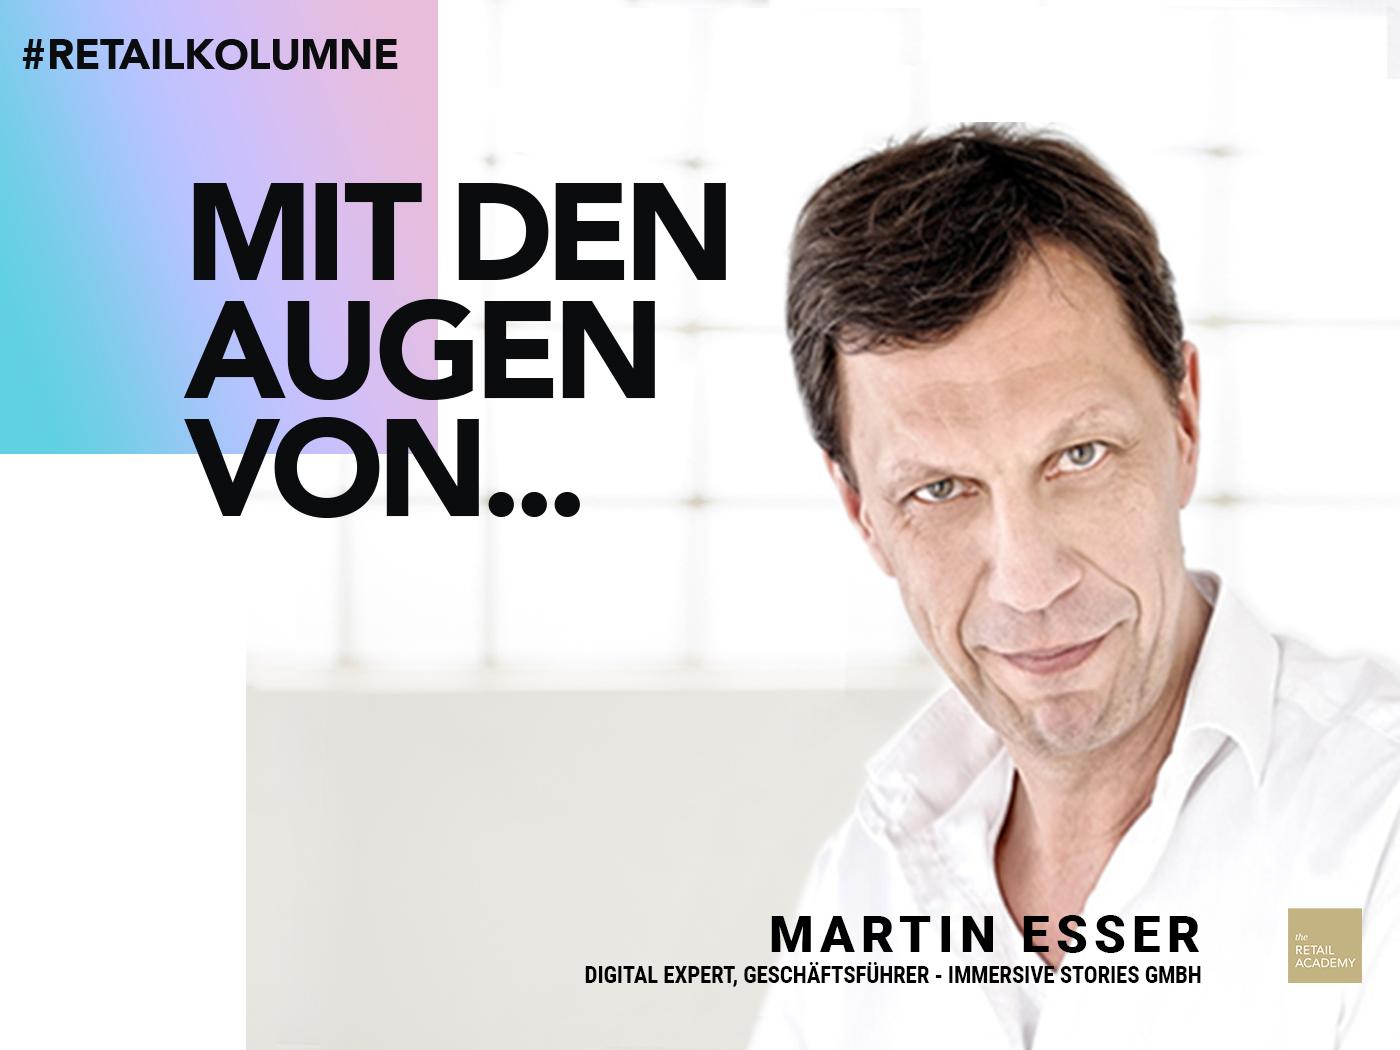 Martin Esser - Kolumne